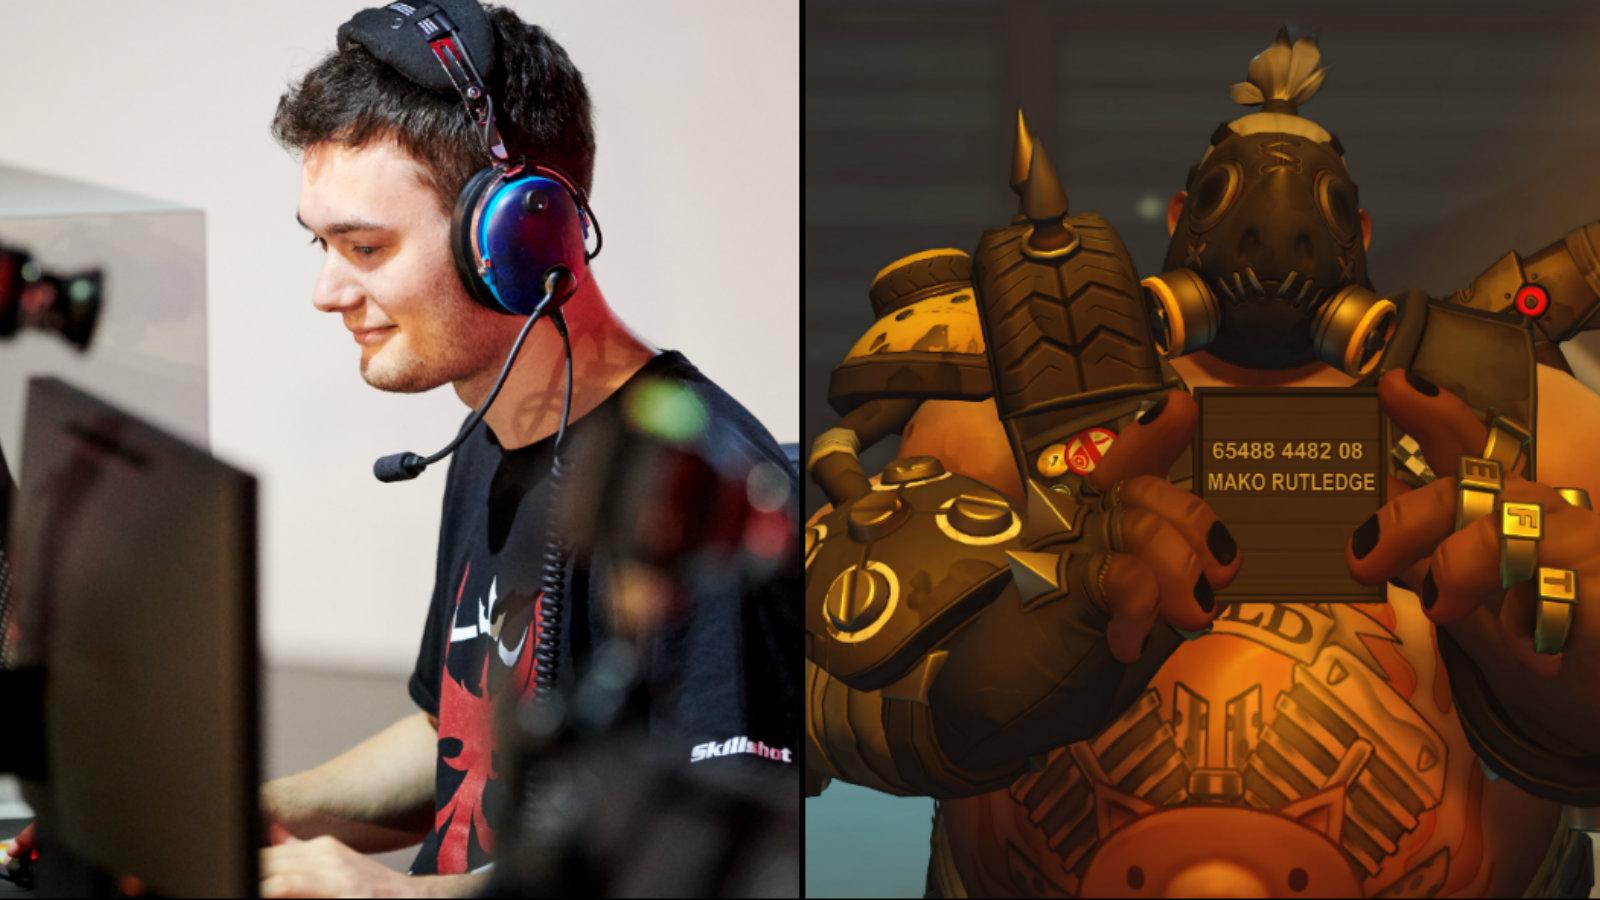 Ben Pursell/Overwatch League/Blizzard Entertainment